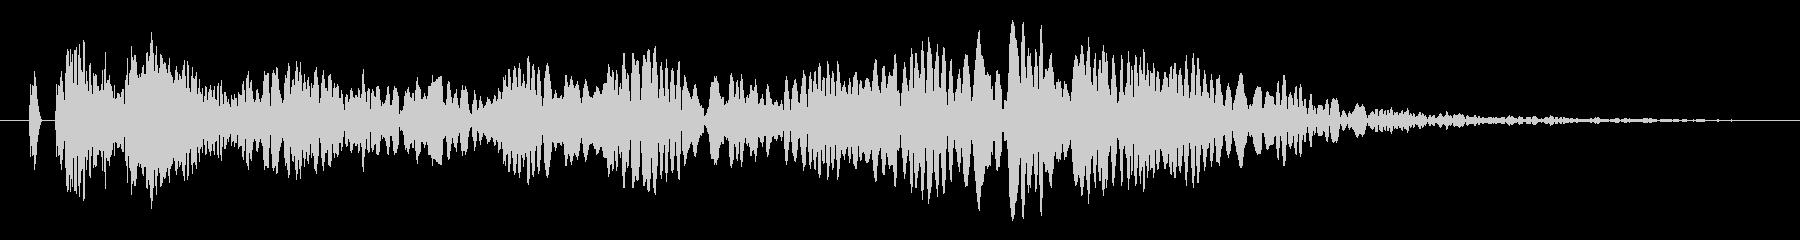 ヒュ〜!本当にリアルな花火の効果音!の未再生の波形